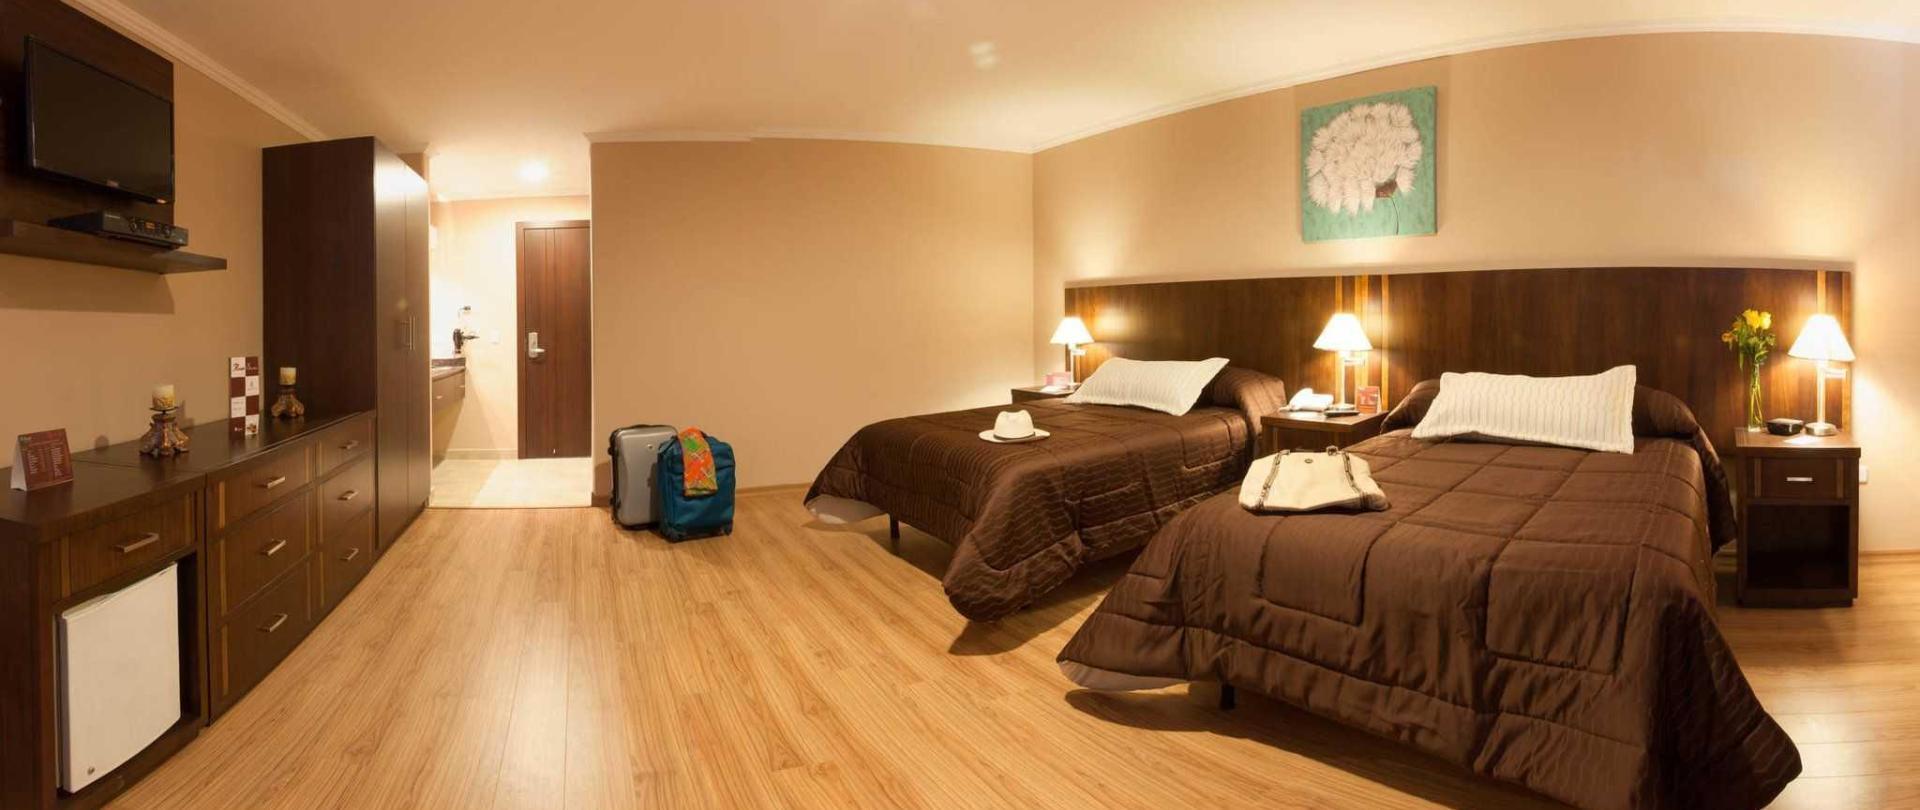 barnard-hotel-ecuador-04.jpg